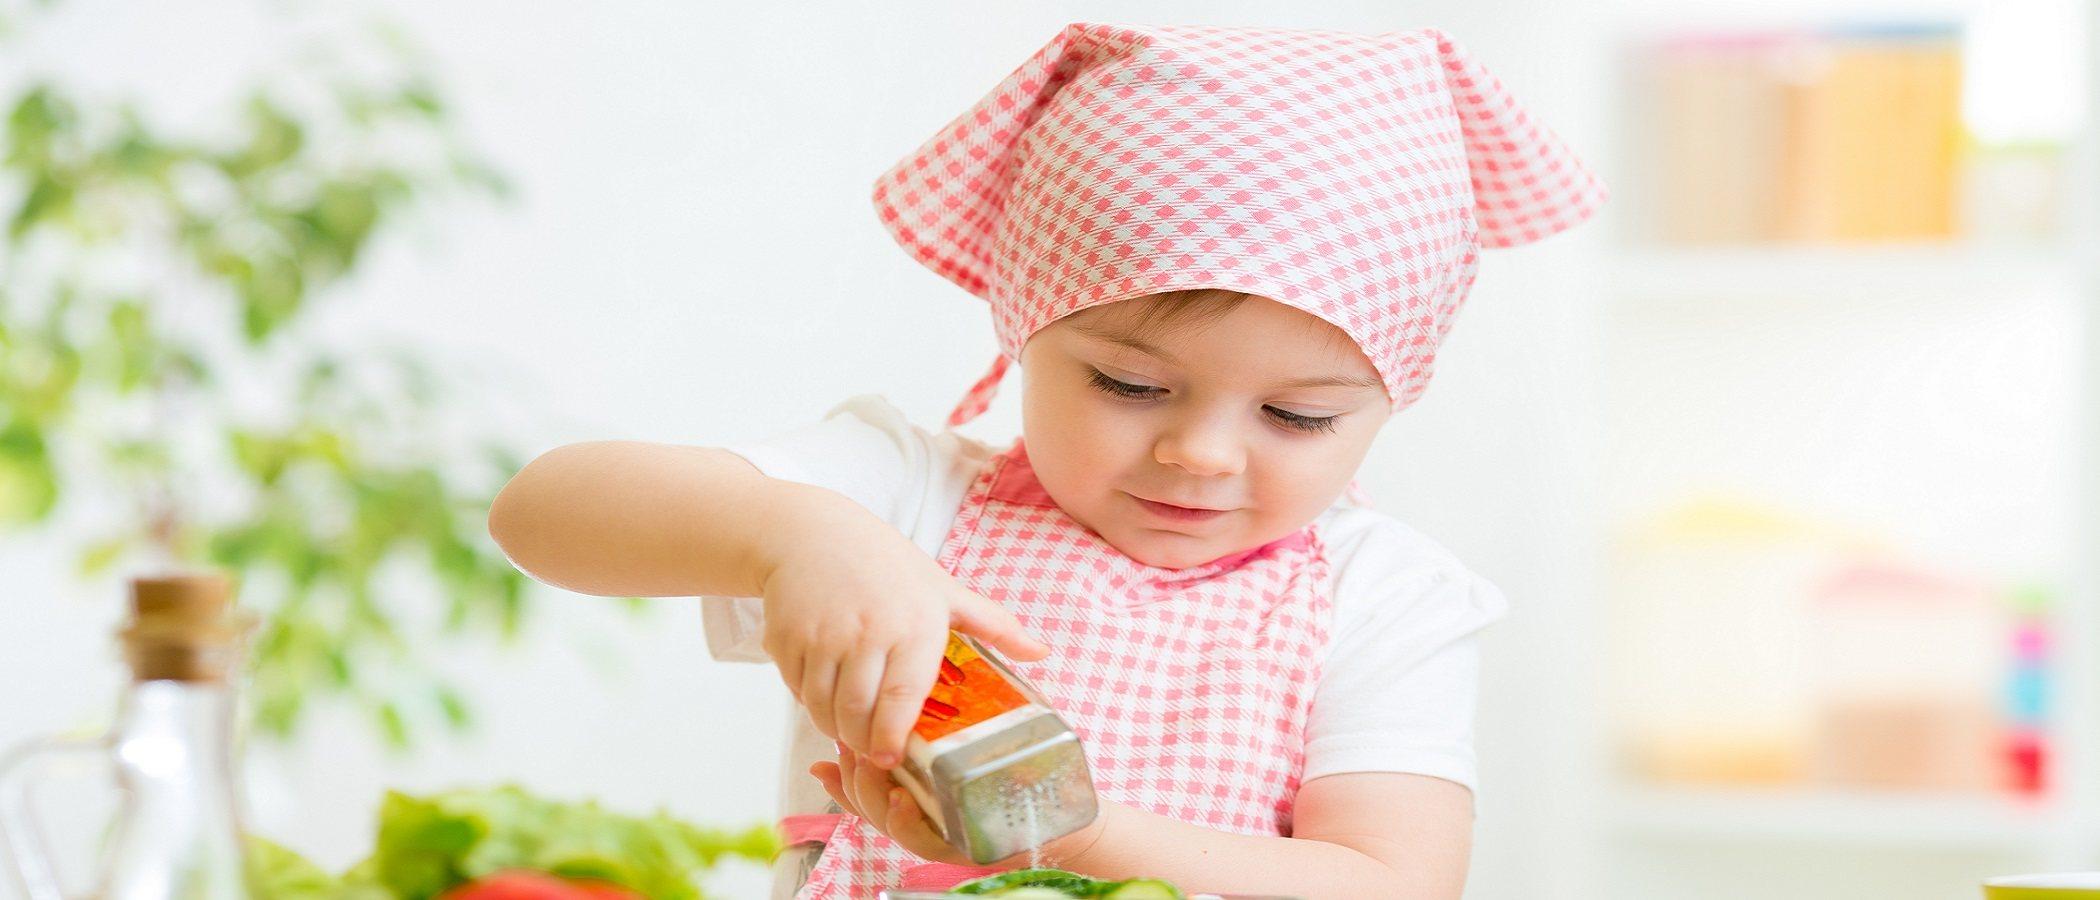 ¿Hay que echar sal en la comida de los niños?